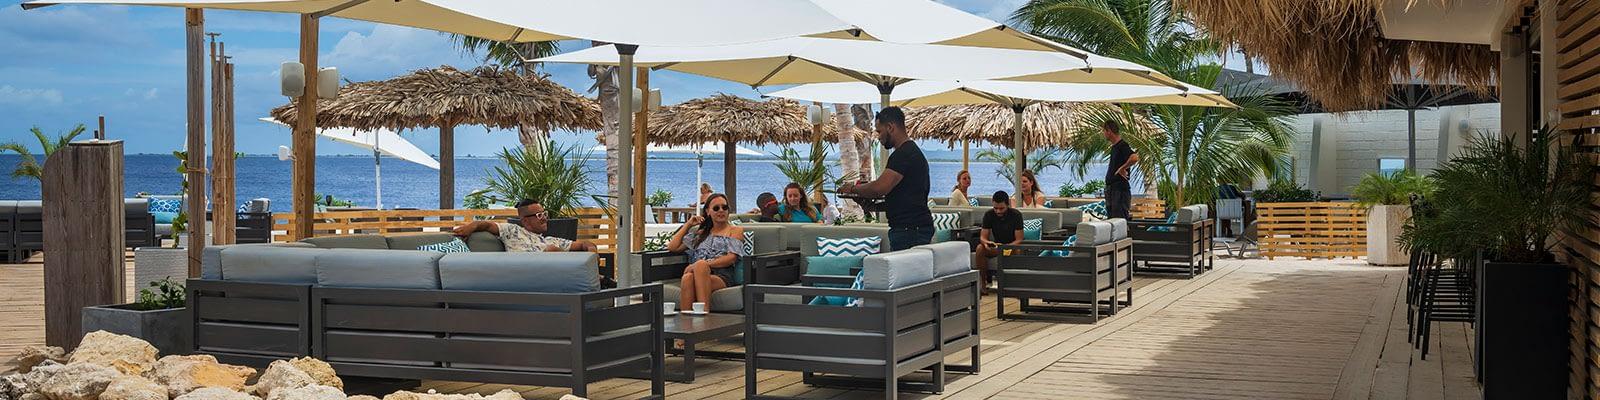 restaurant-the-beach-bonaire_slider-image-6